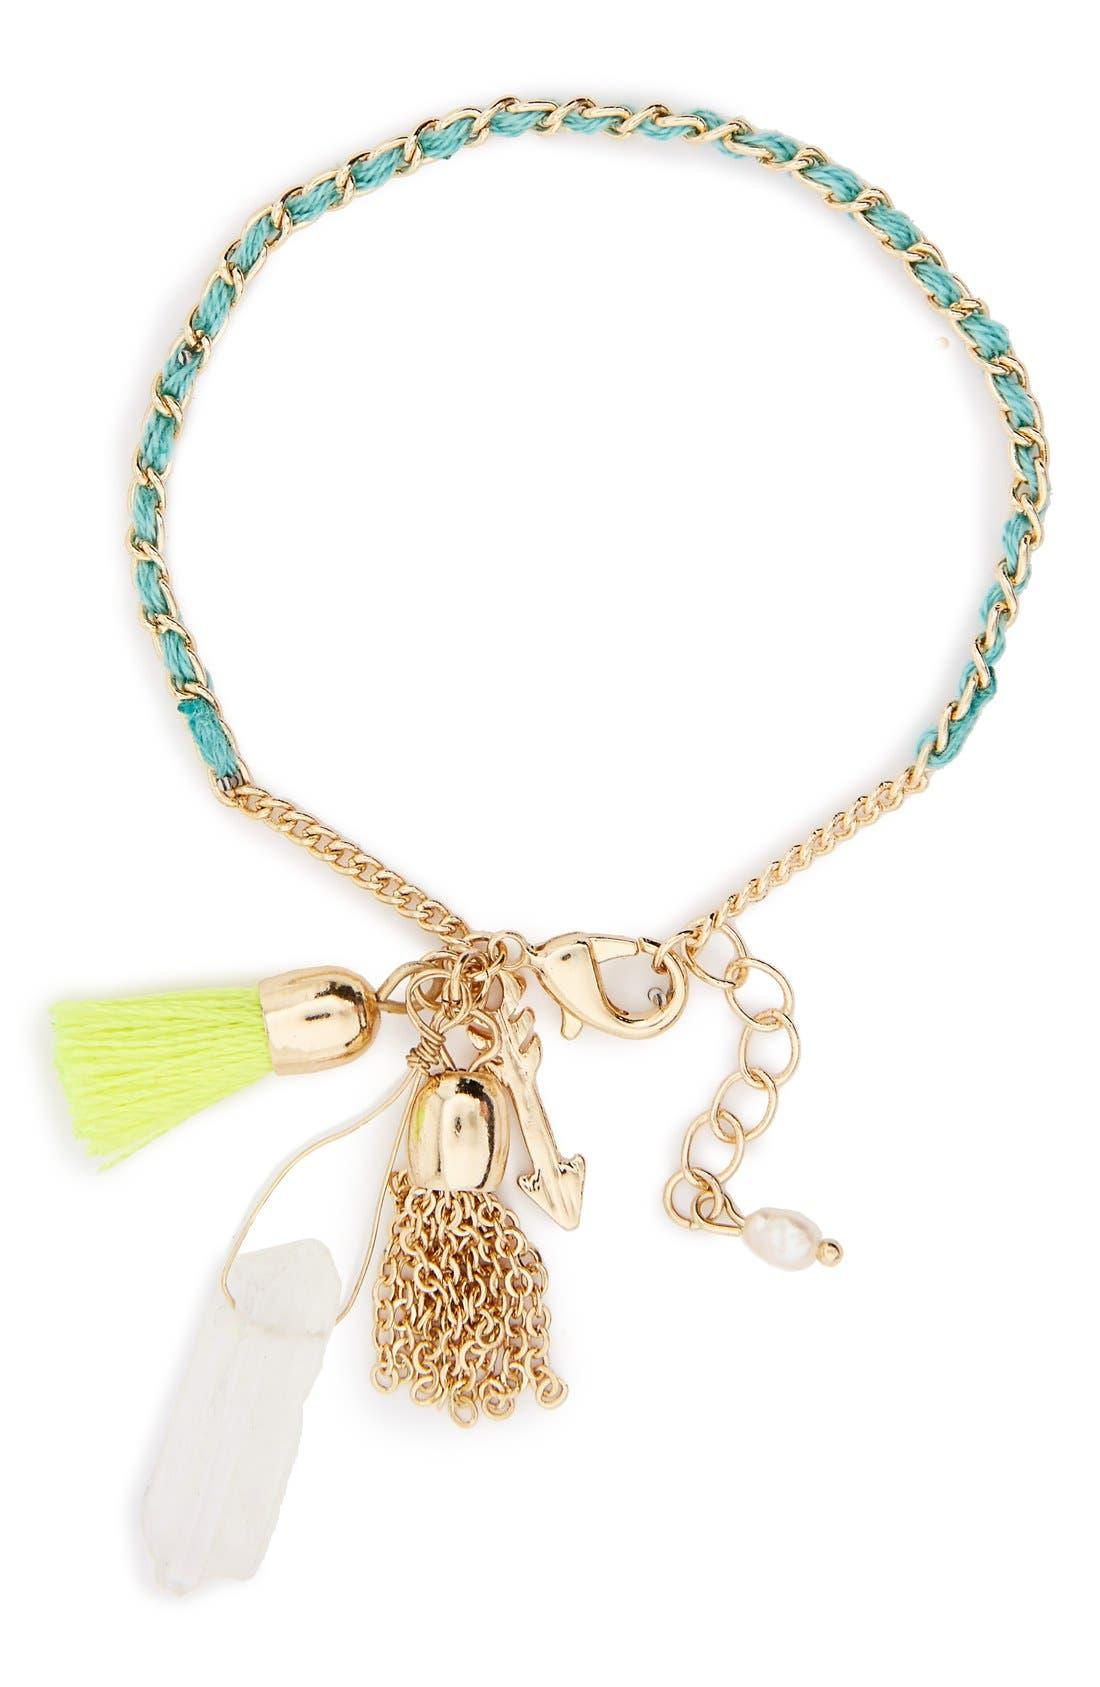 KITSCH, Tassel Charm Bracelet, Main thumbnail 1, color, 440